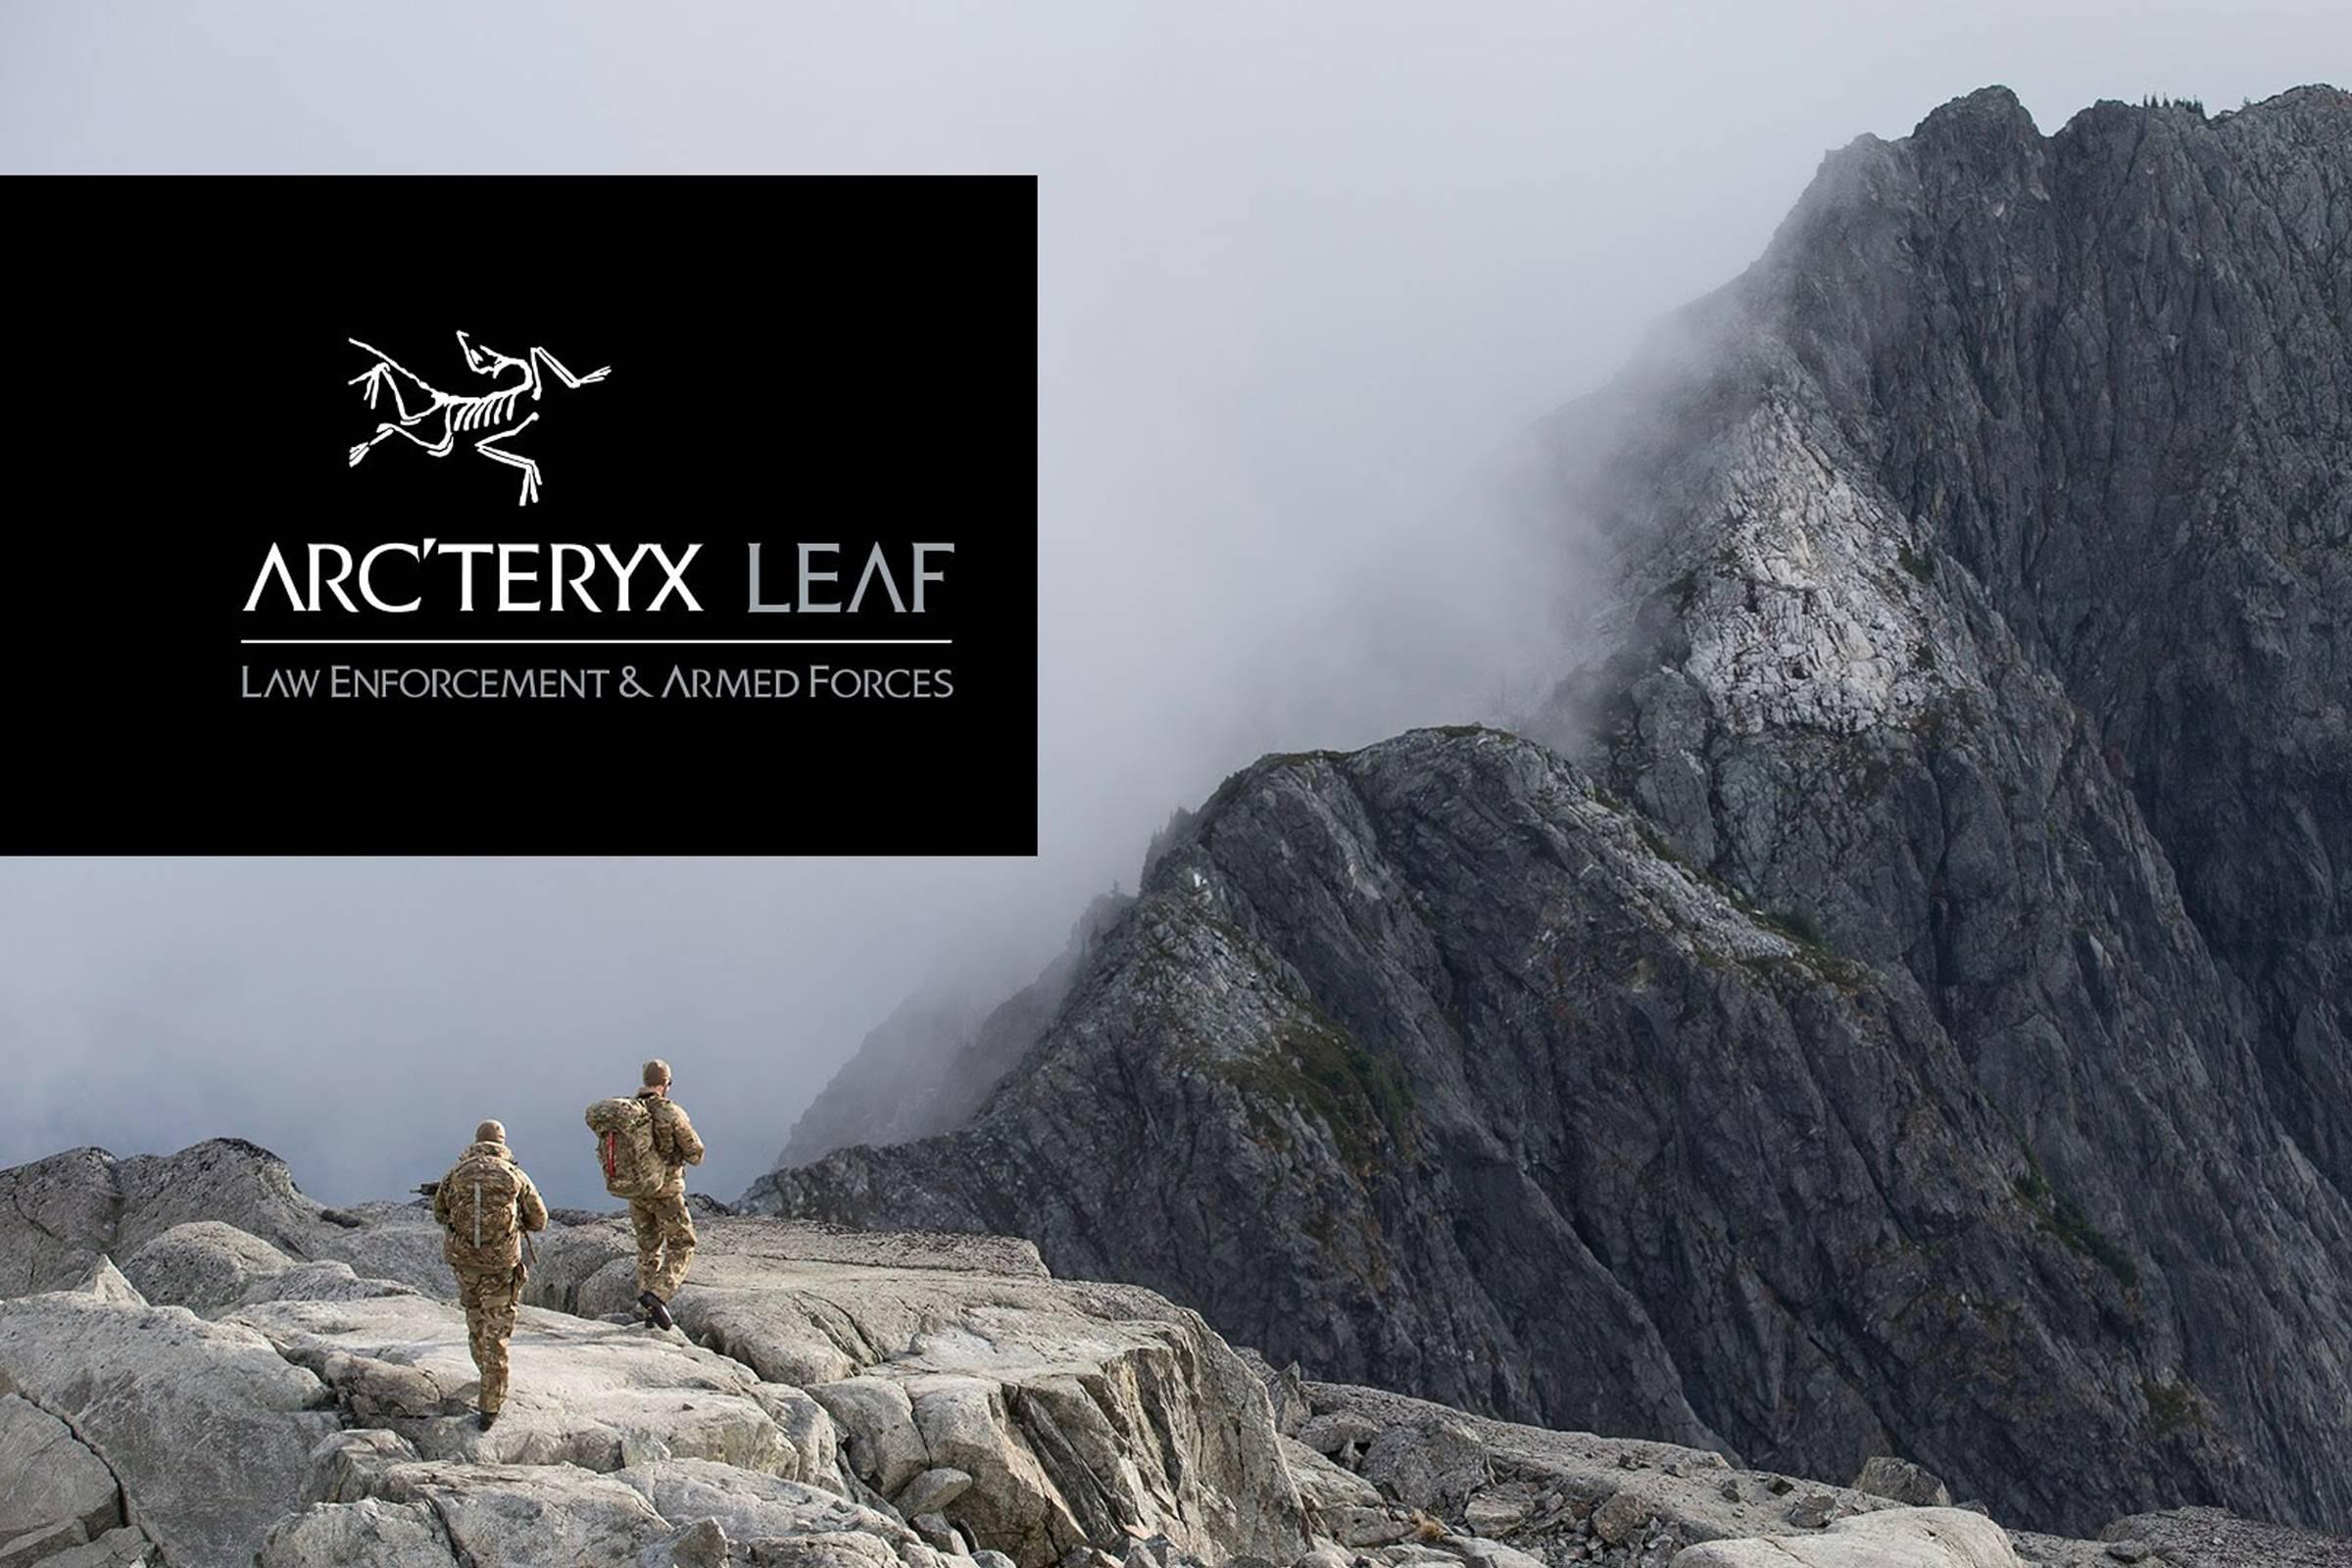 Arc'teryx LEAF